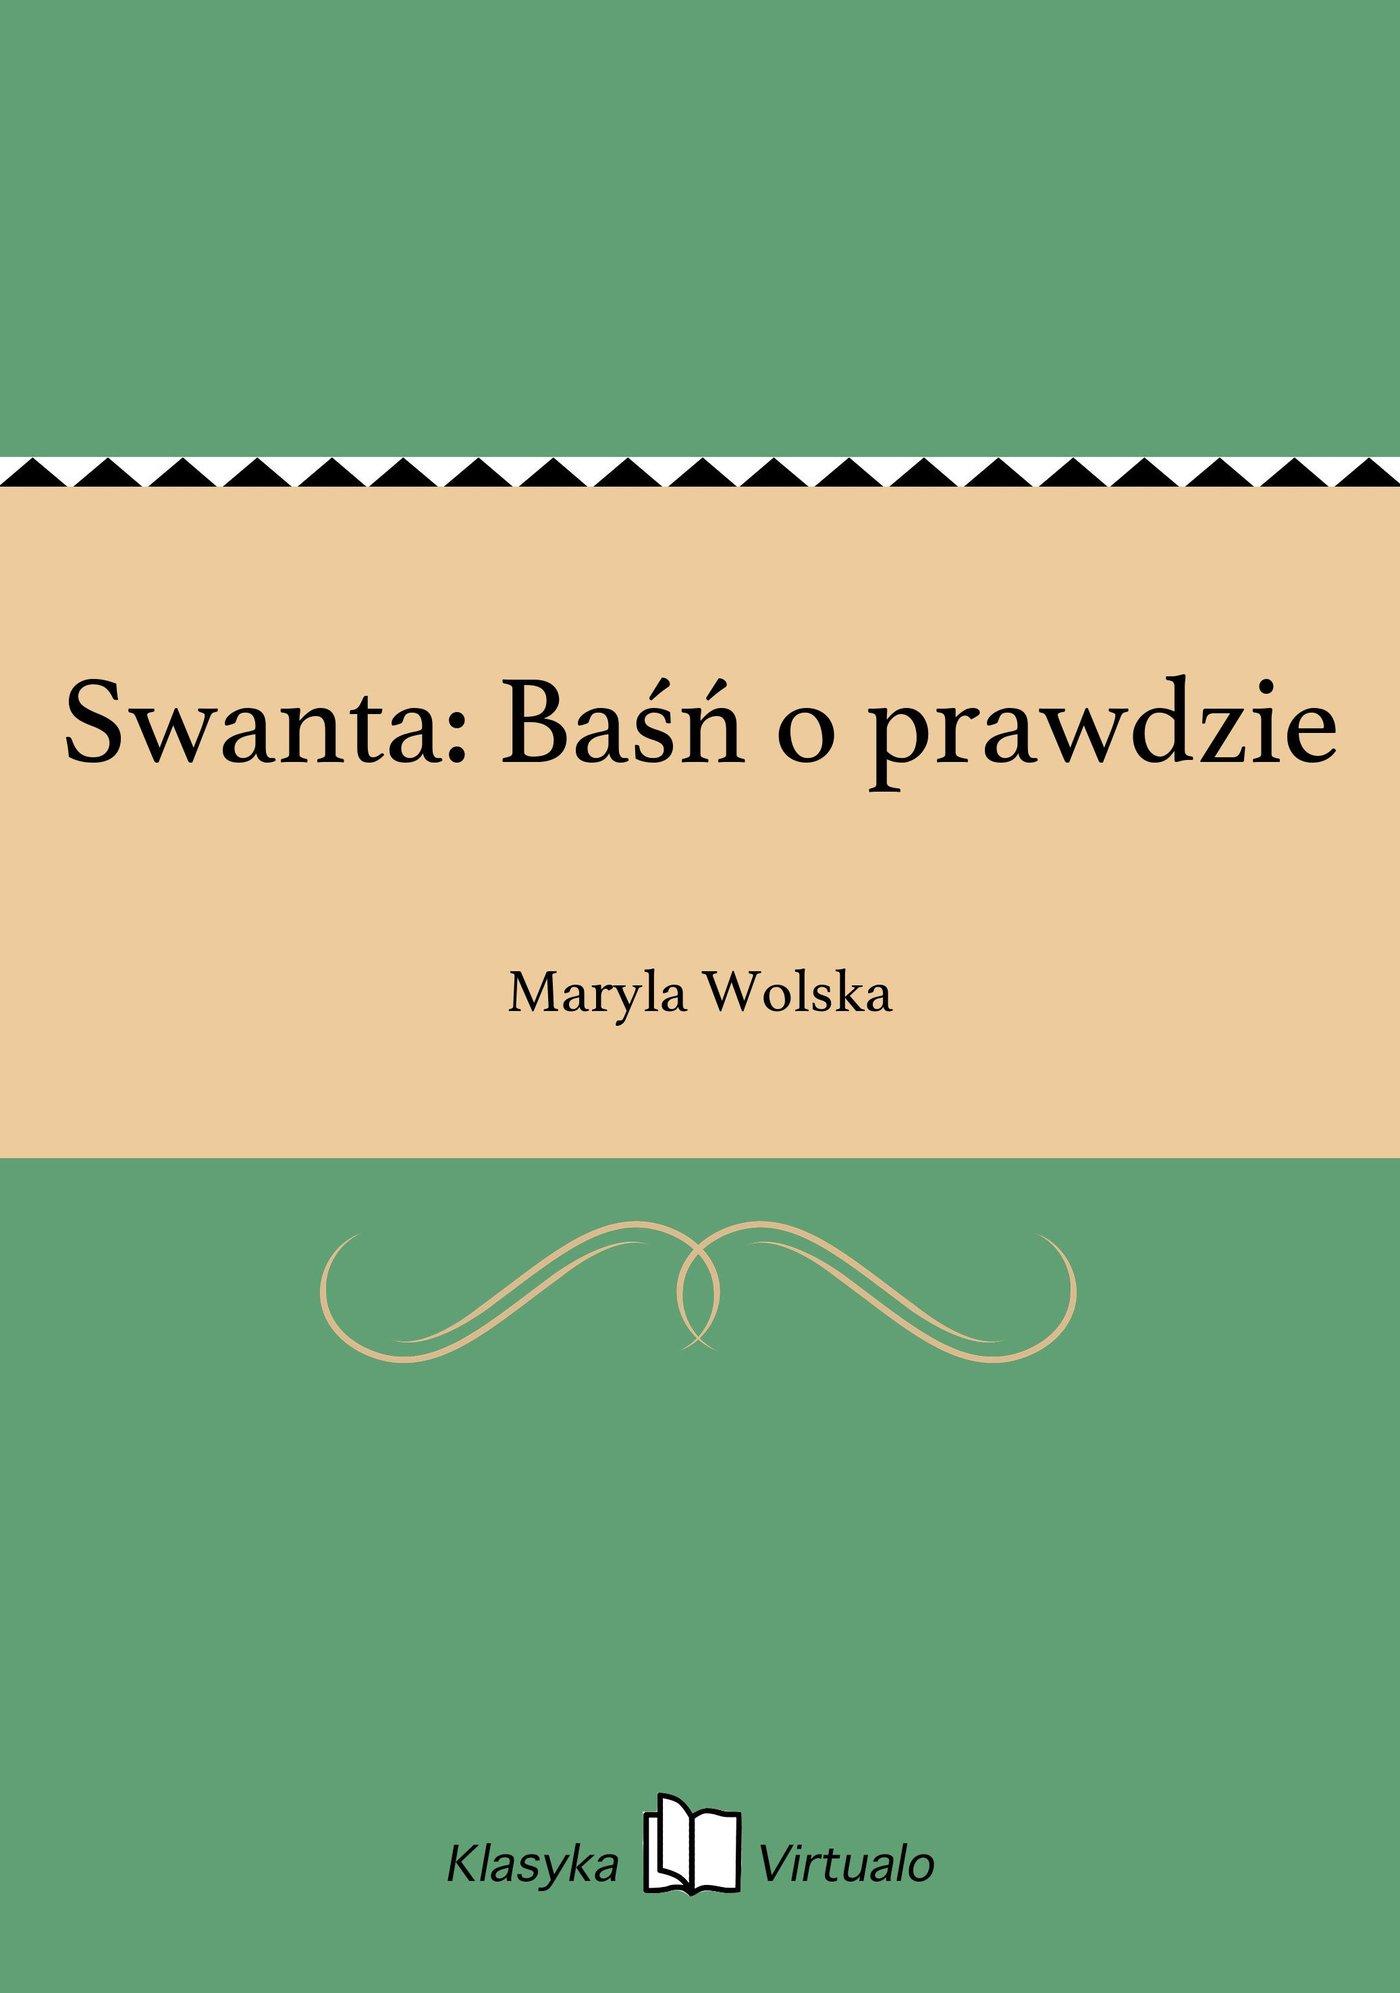 Swanta: Baśń o prawdzie - Ebook (Książka EPUB) do pobrania w formacie EPUB